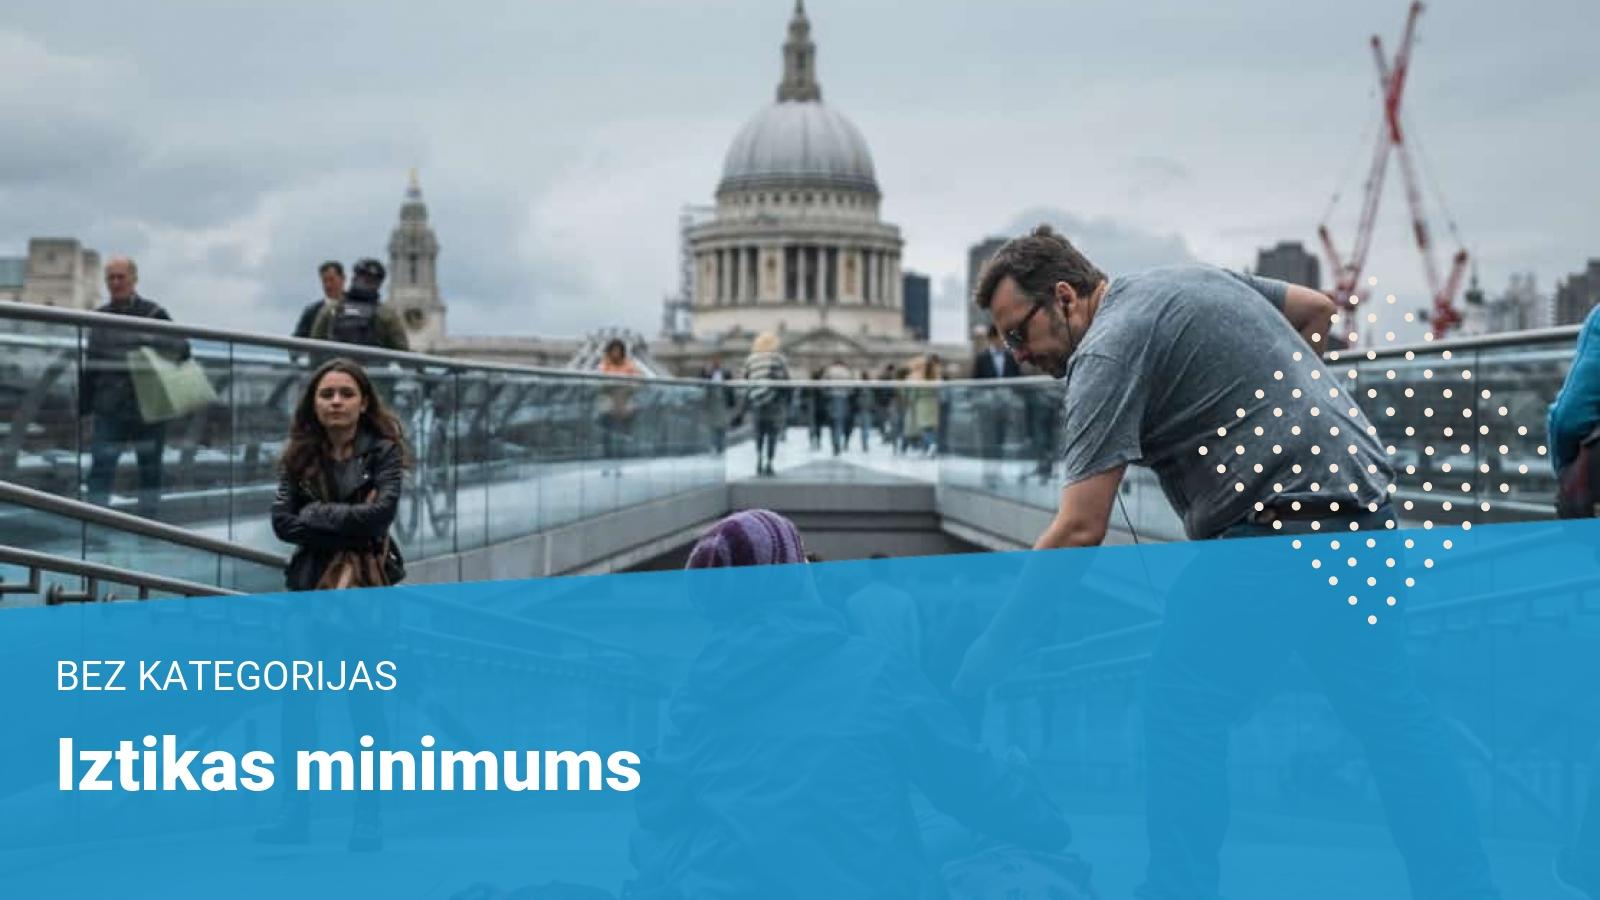 iztikas minimums